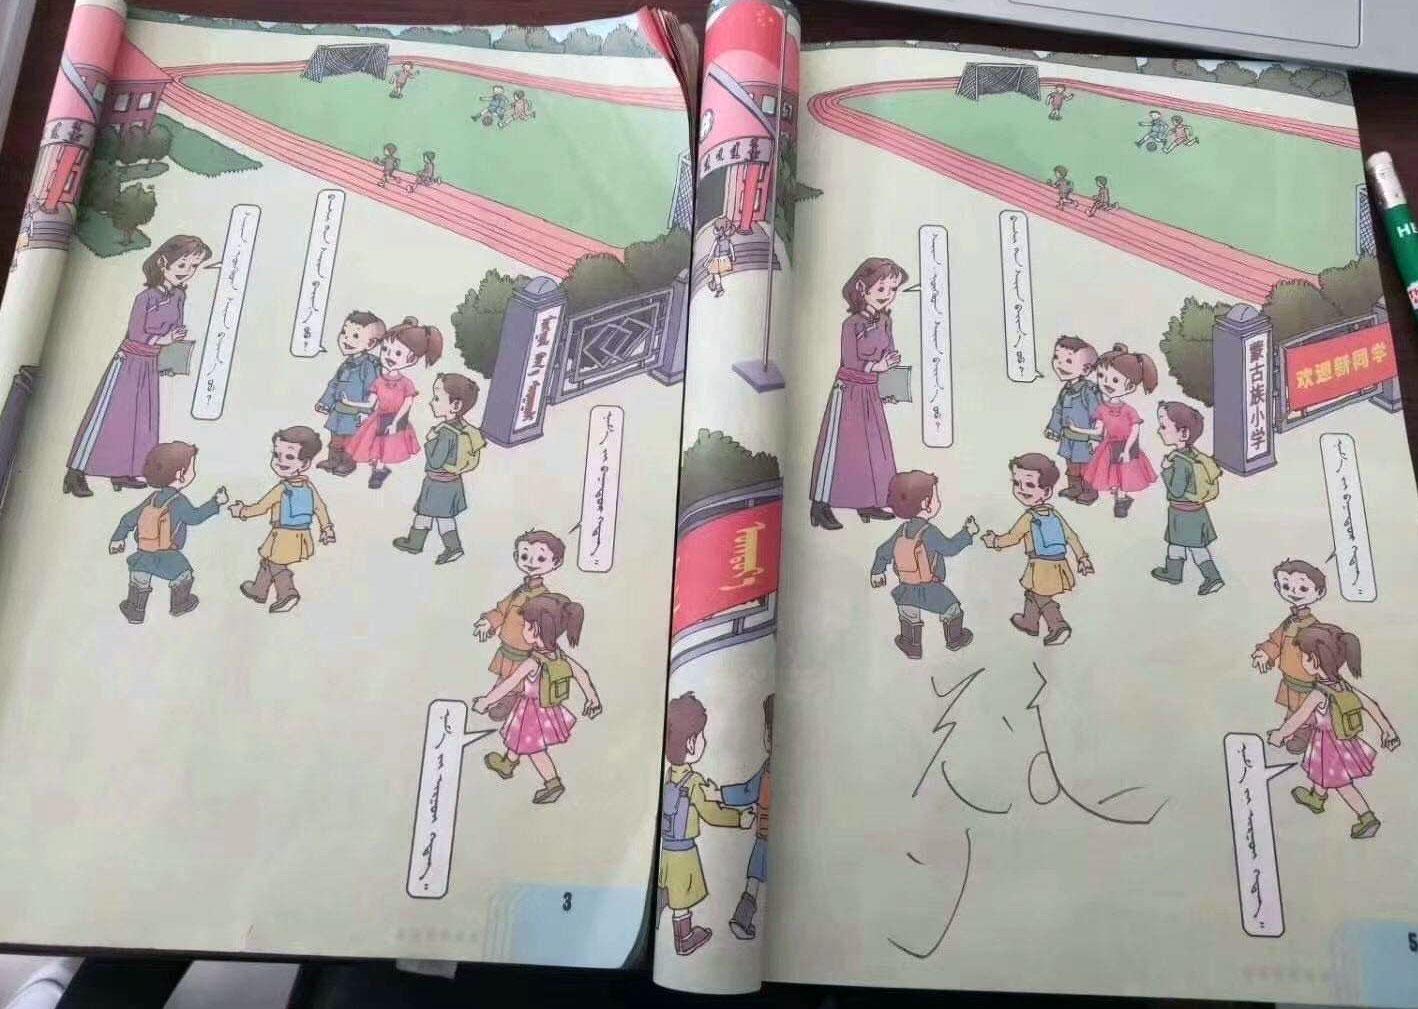 原教科書(左)蒙文寫有蒙古學校,新教材(右)漢語蒙古族小學。(志願者提供/記者喬龍)